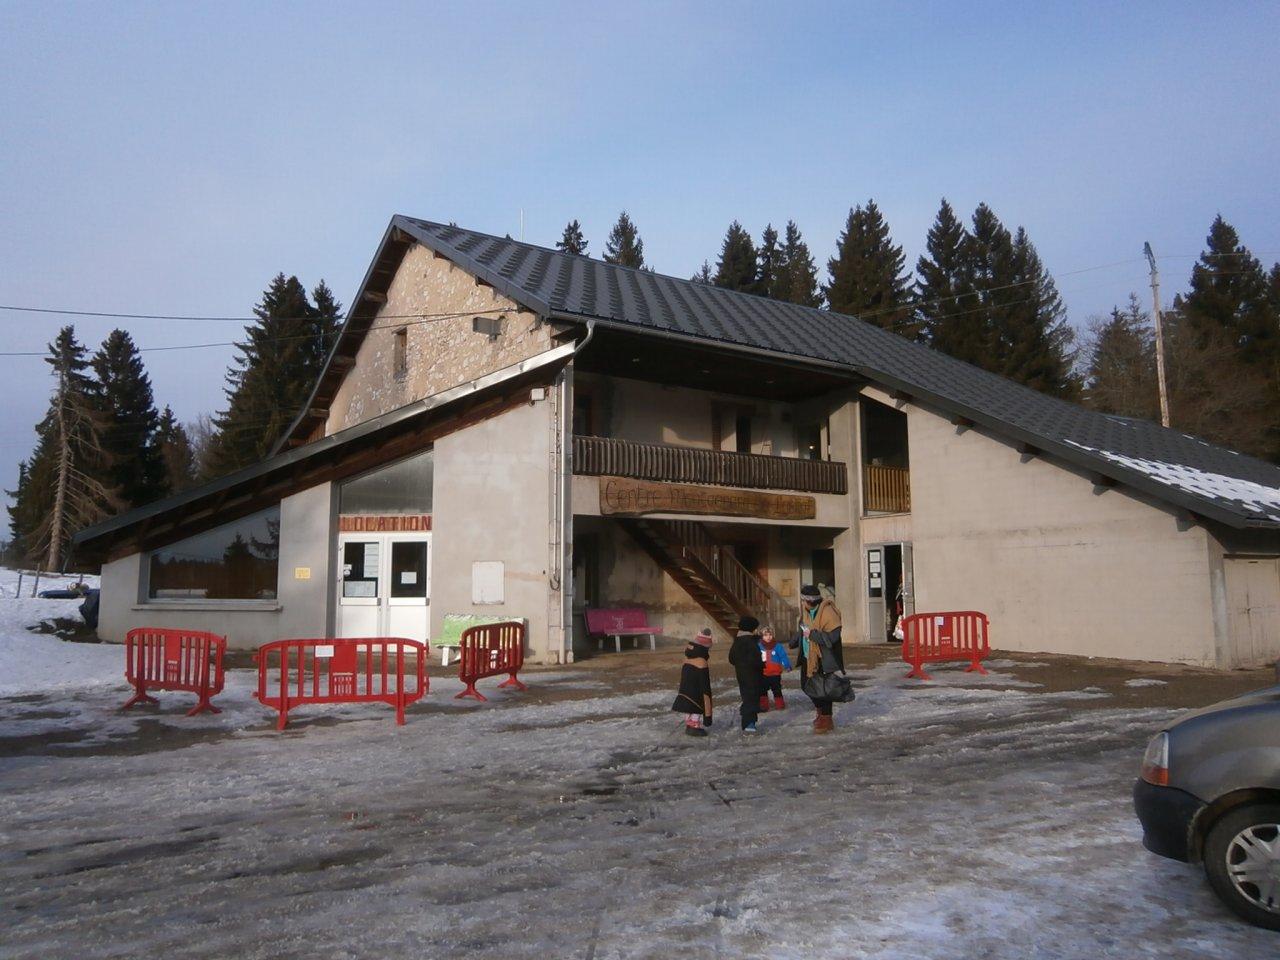 Locations de matériel de ski Centre montagnard de Lachat